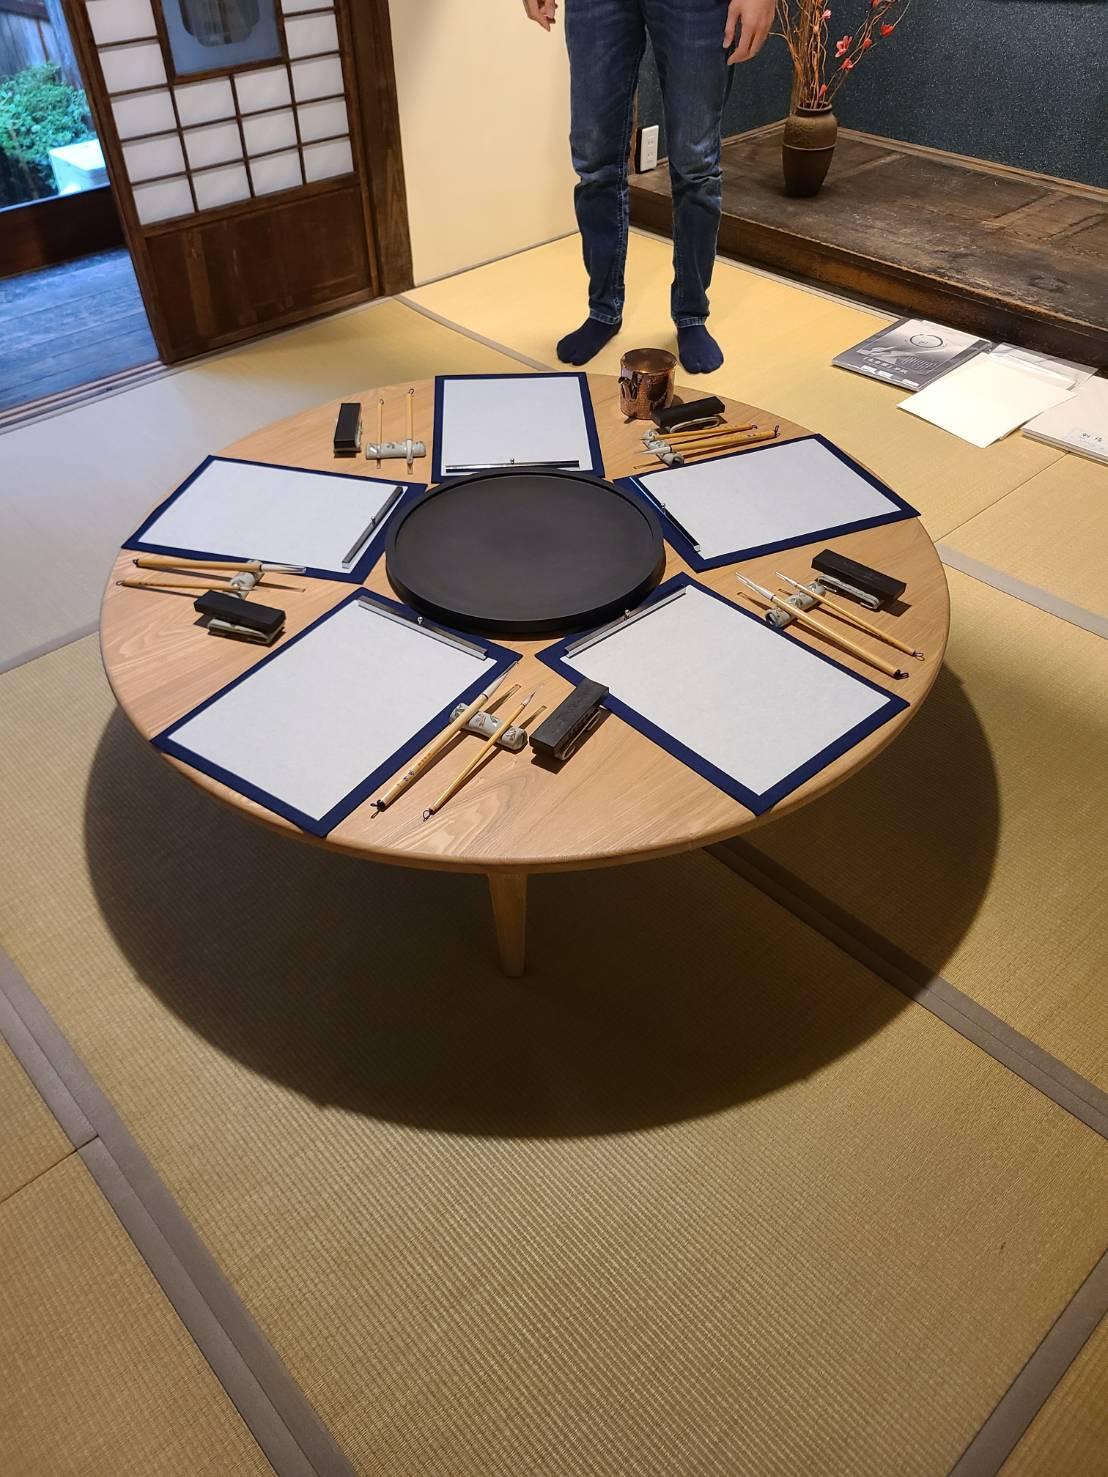 みんなの硯、のためのちゃぶ台